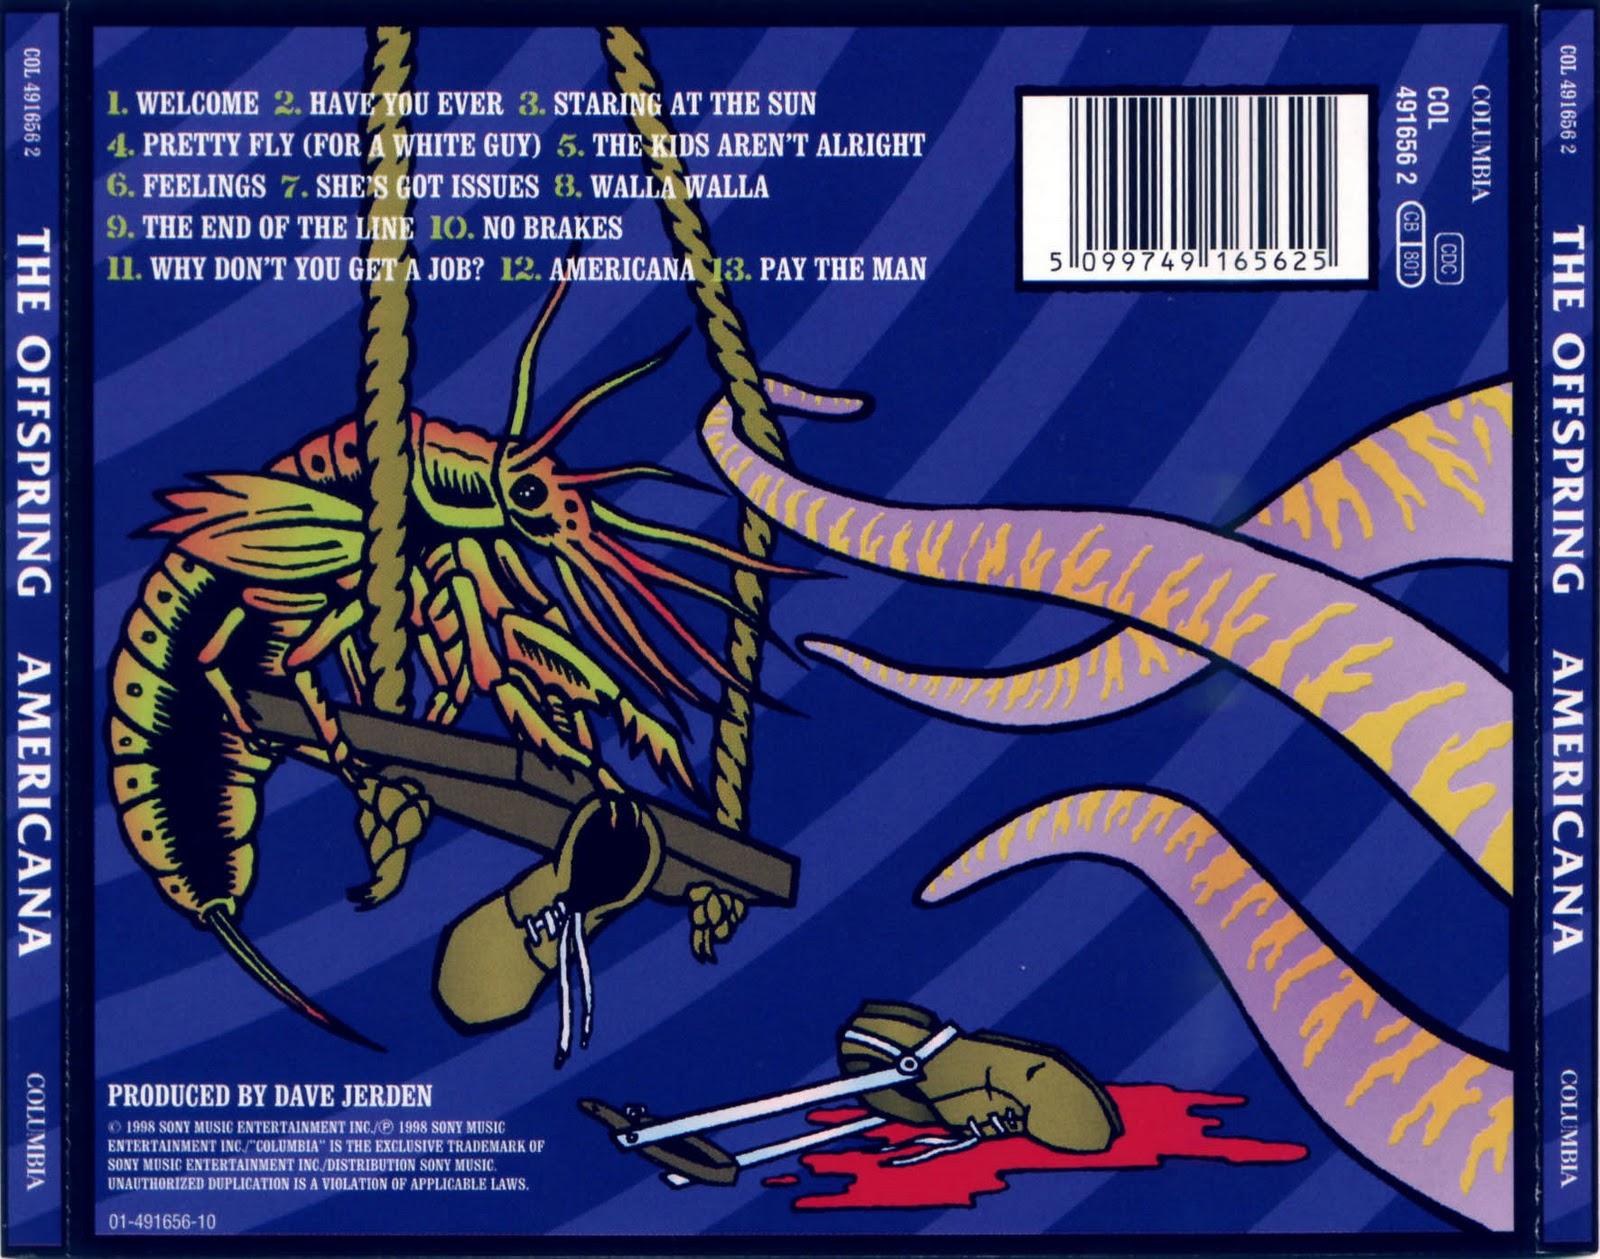 http://4.bp.blogspot.com/_g78PvwbLBbc/TKFn6ylU25I/AAAAAAAALiY/rM7EUHaDLCU/s1600/The_Offspring-Americana-Trasera.jpg